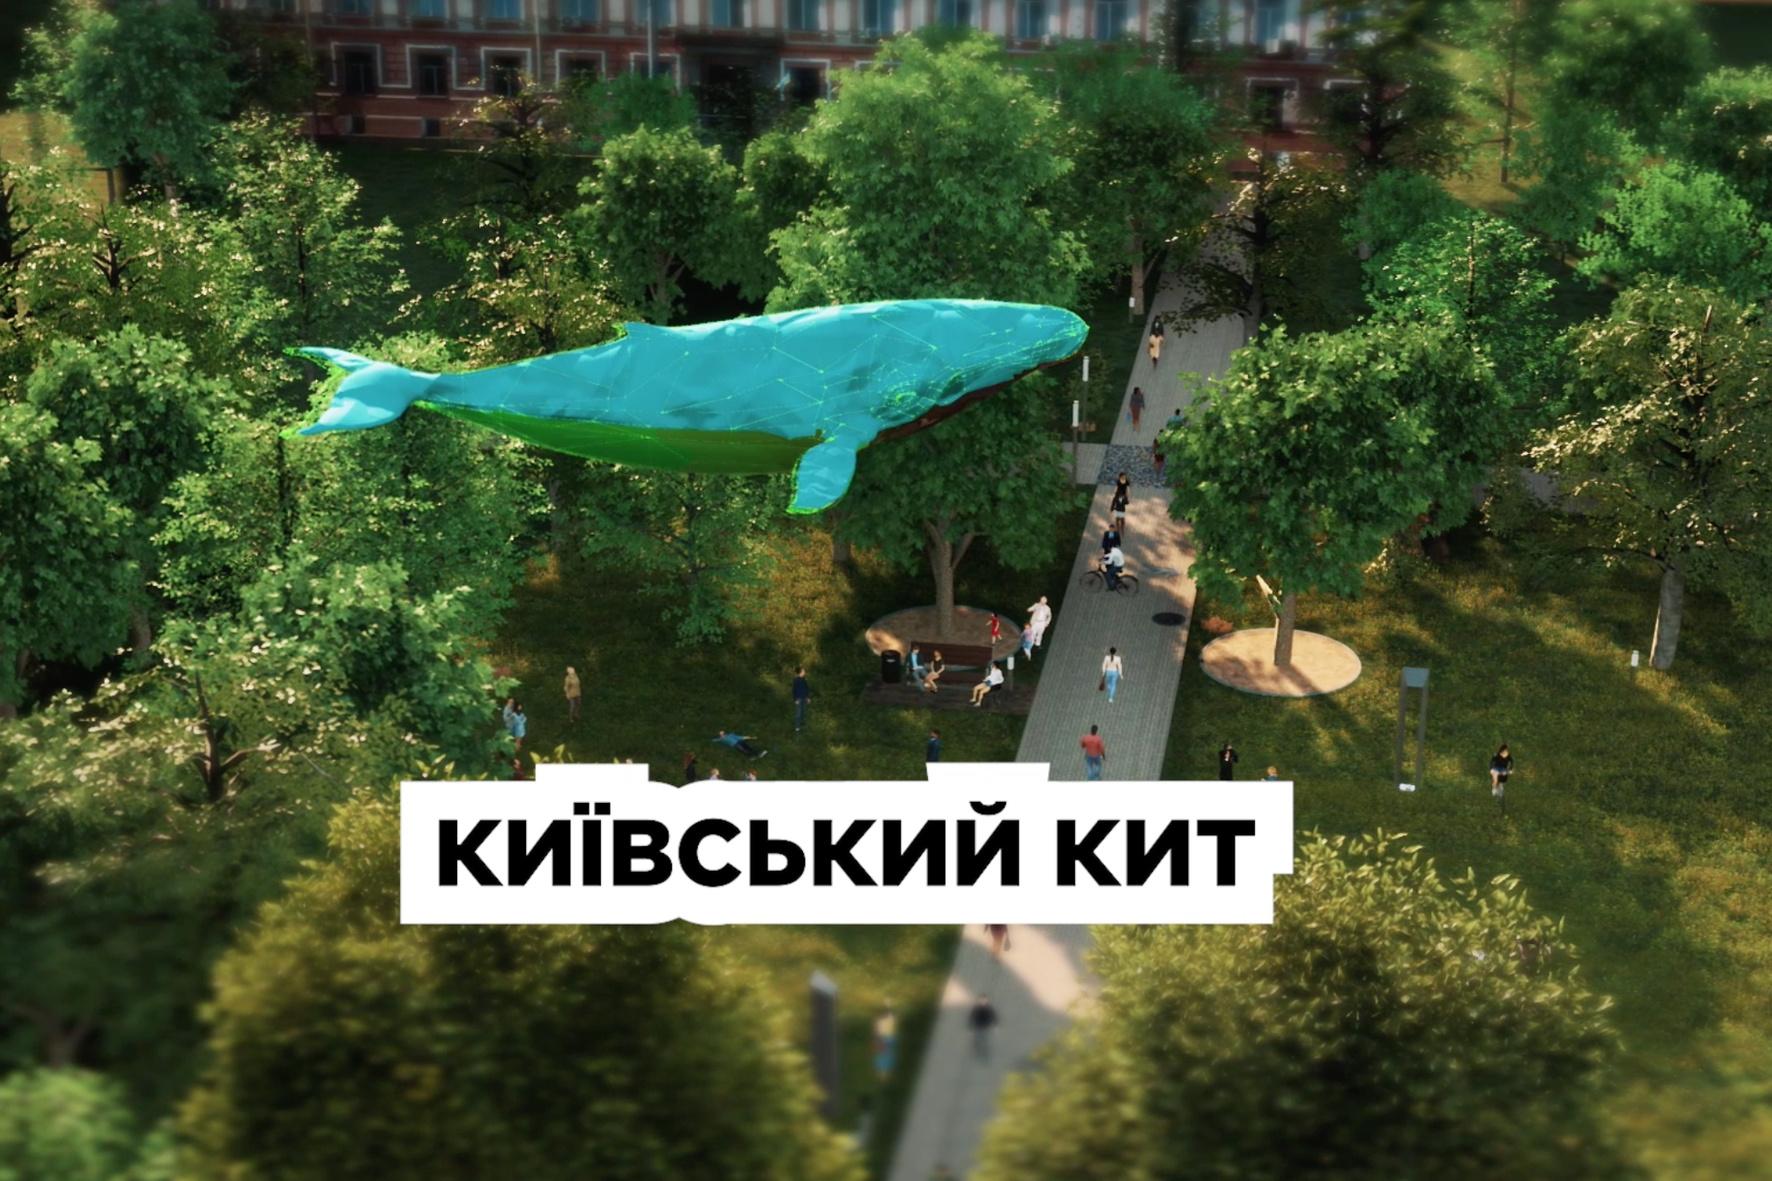 У Києві з'явиться Київський Кит - 12 метрова медіа-скульптура з переробленого пластику